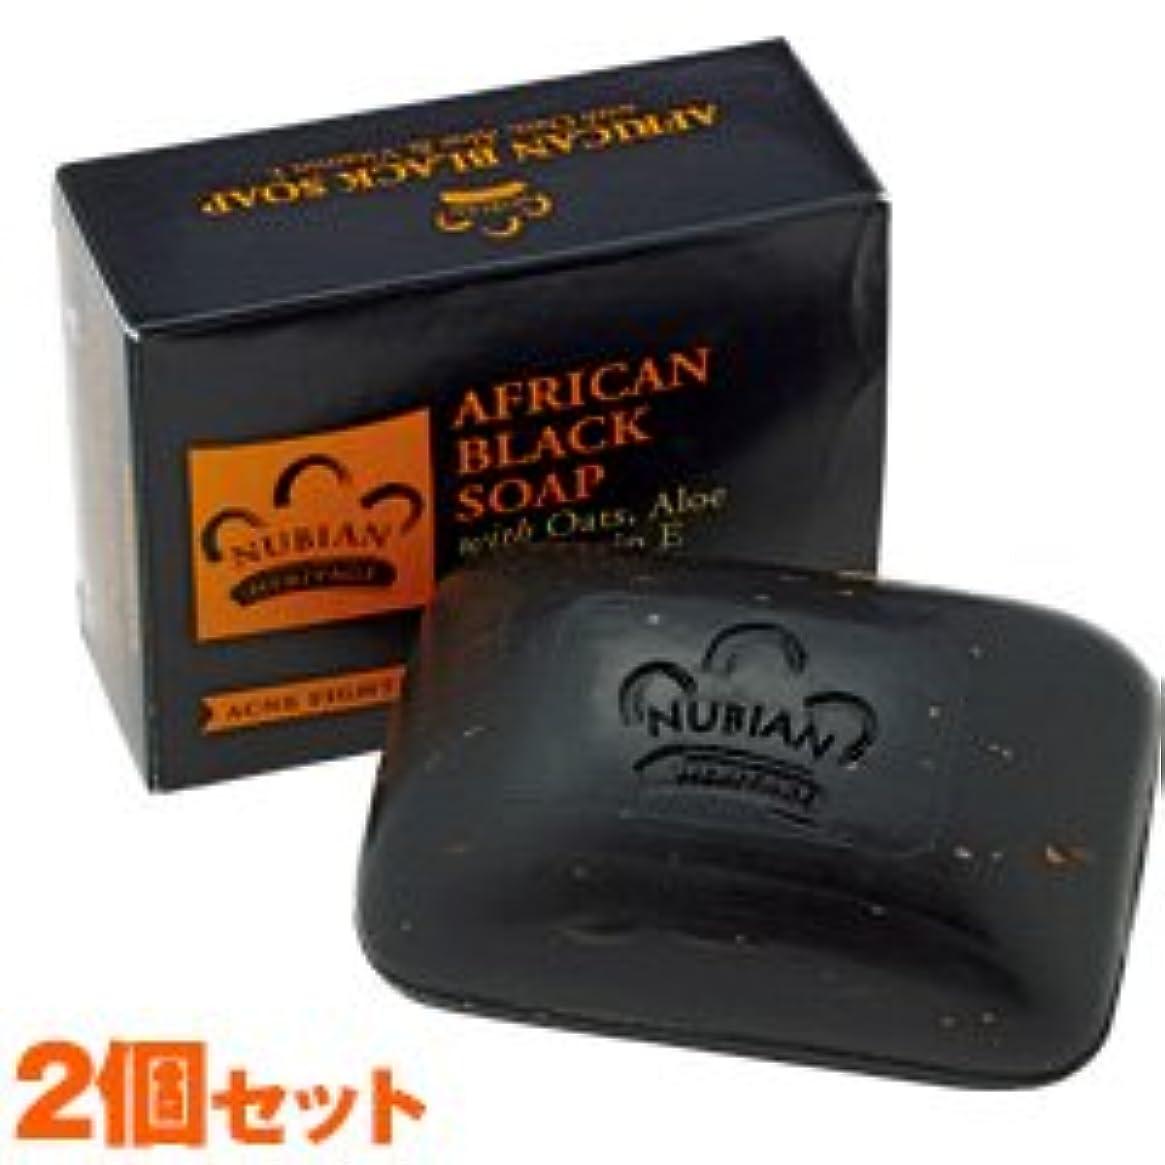 役職フレット嬉しいですヌビアン ヘリテージ(NUBIAN HERITAGE)アフリカン ブラック ソープバー 2個セット 141gX2[並行輸入品][海外直送品]